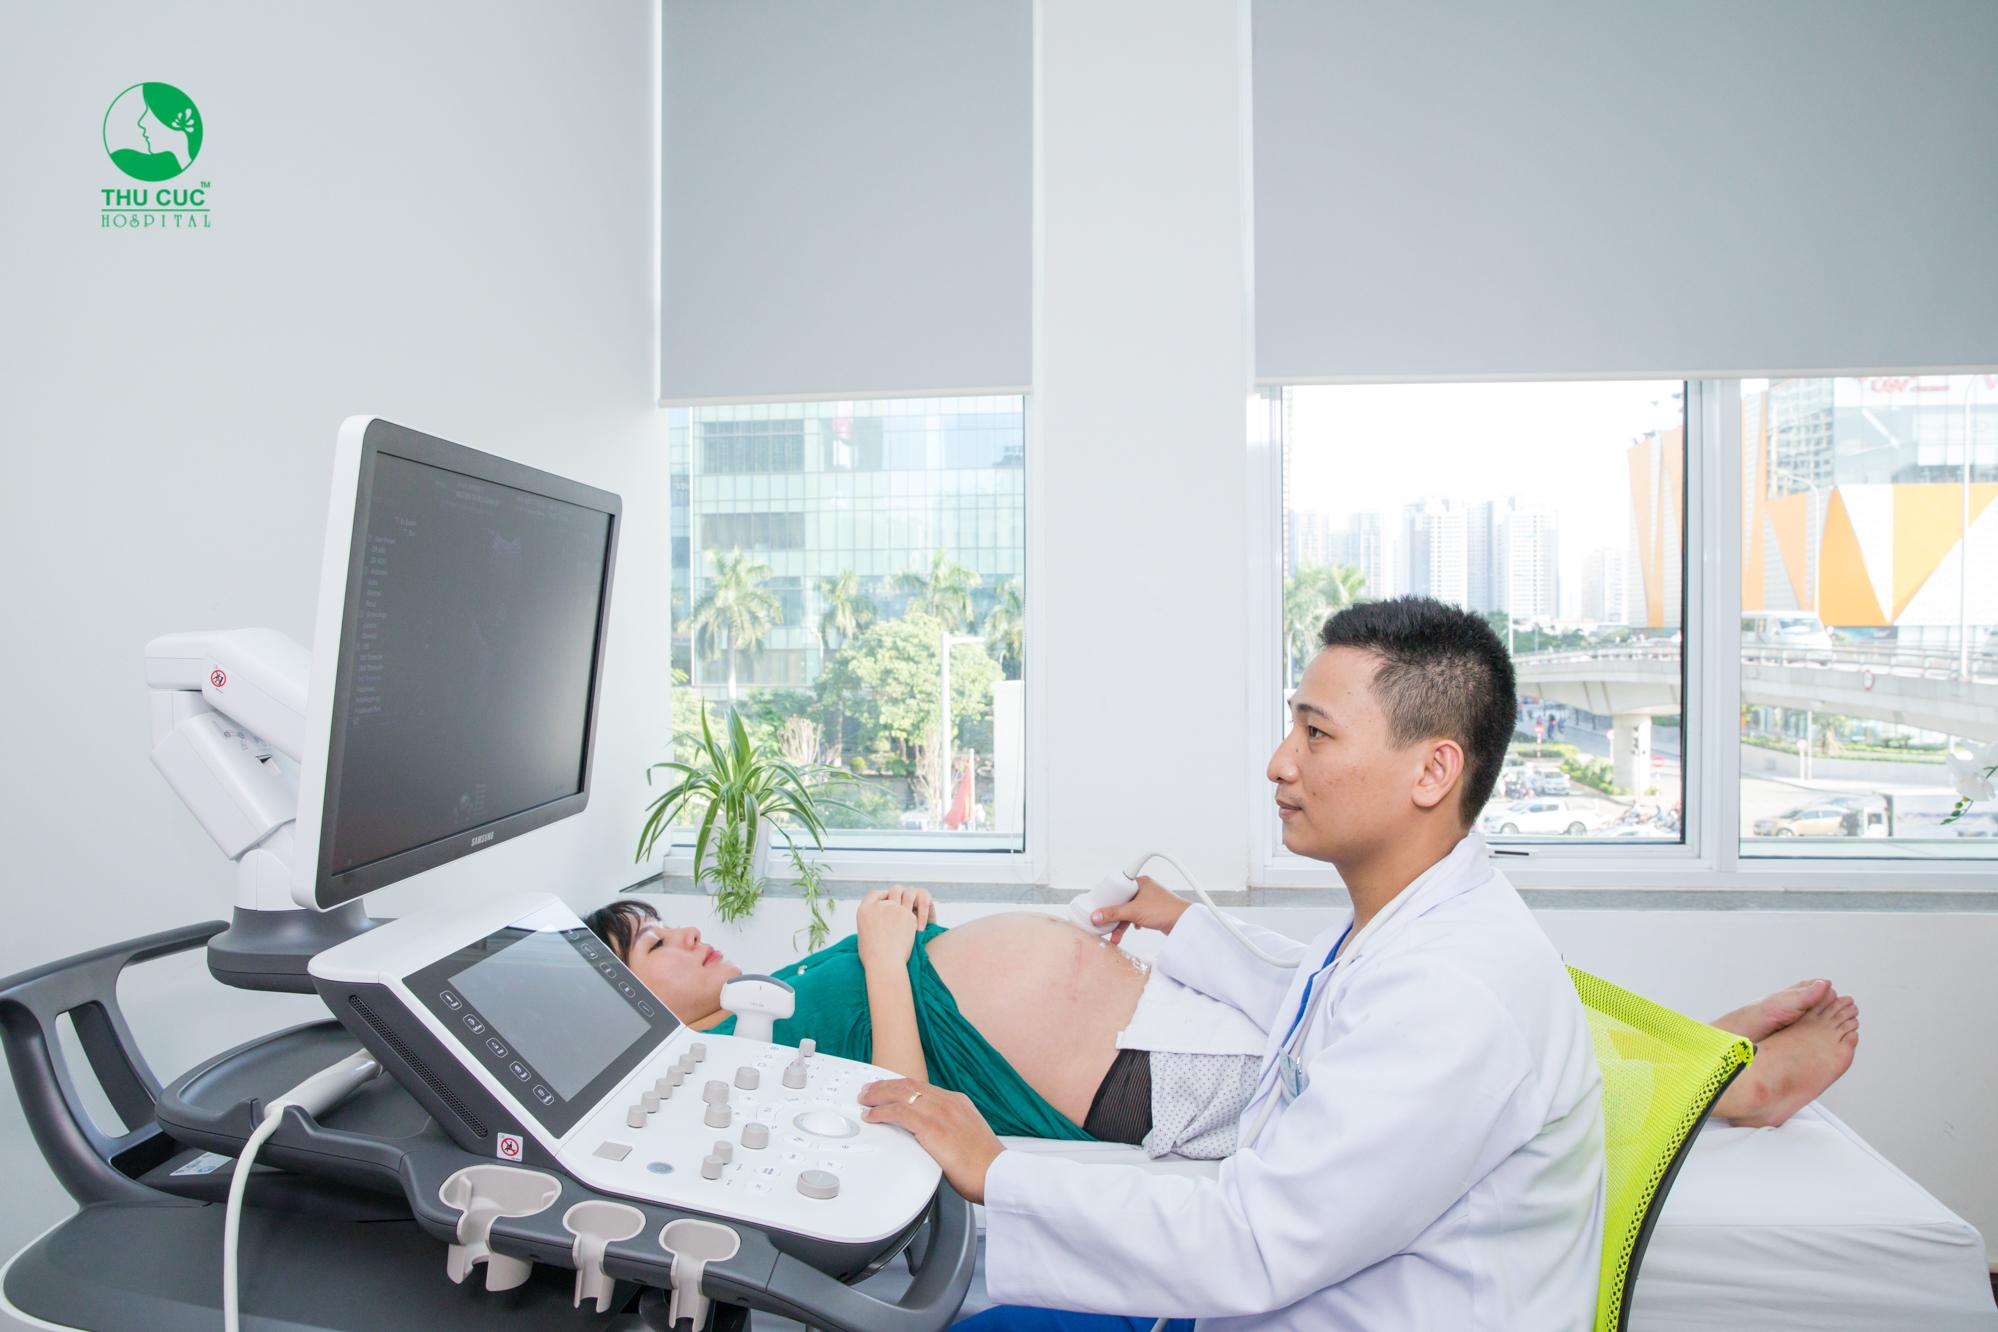 Siêu âm là cách kiểm tra chính xác lượng ối có ở mức bình thường hay không